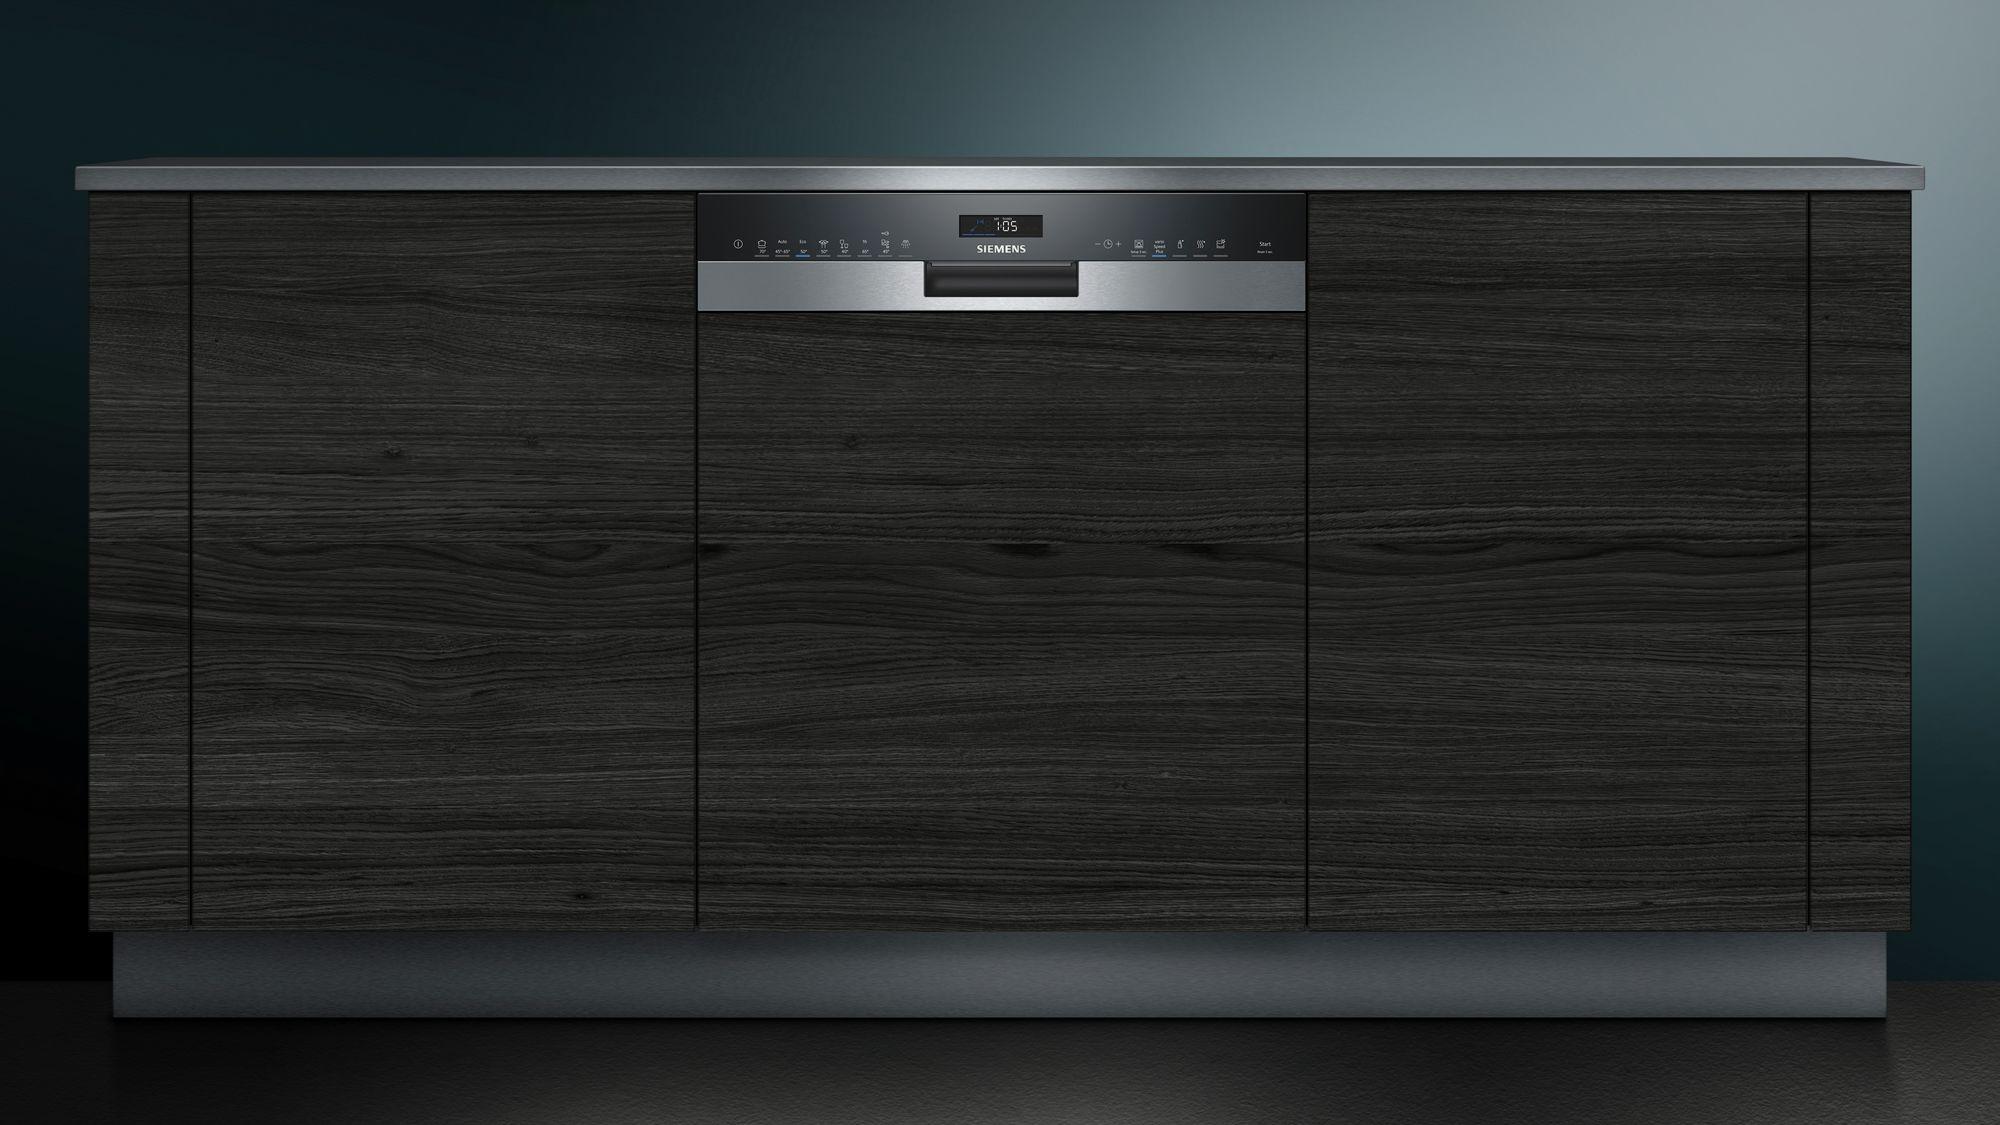 lave vaisselle int grable siemens sn558s09me pas cher. Black Bedroom Furniture Sets. Home Design Ideas